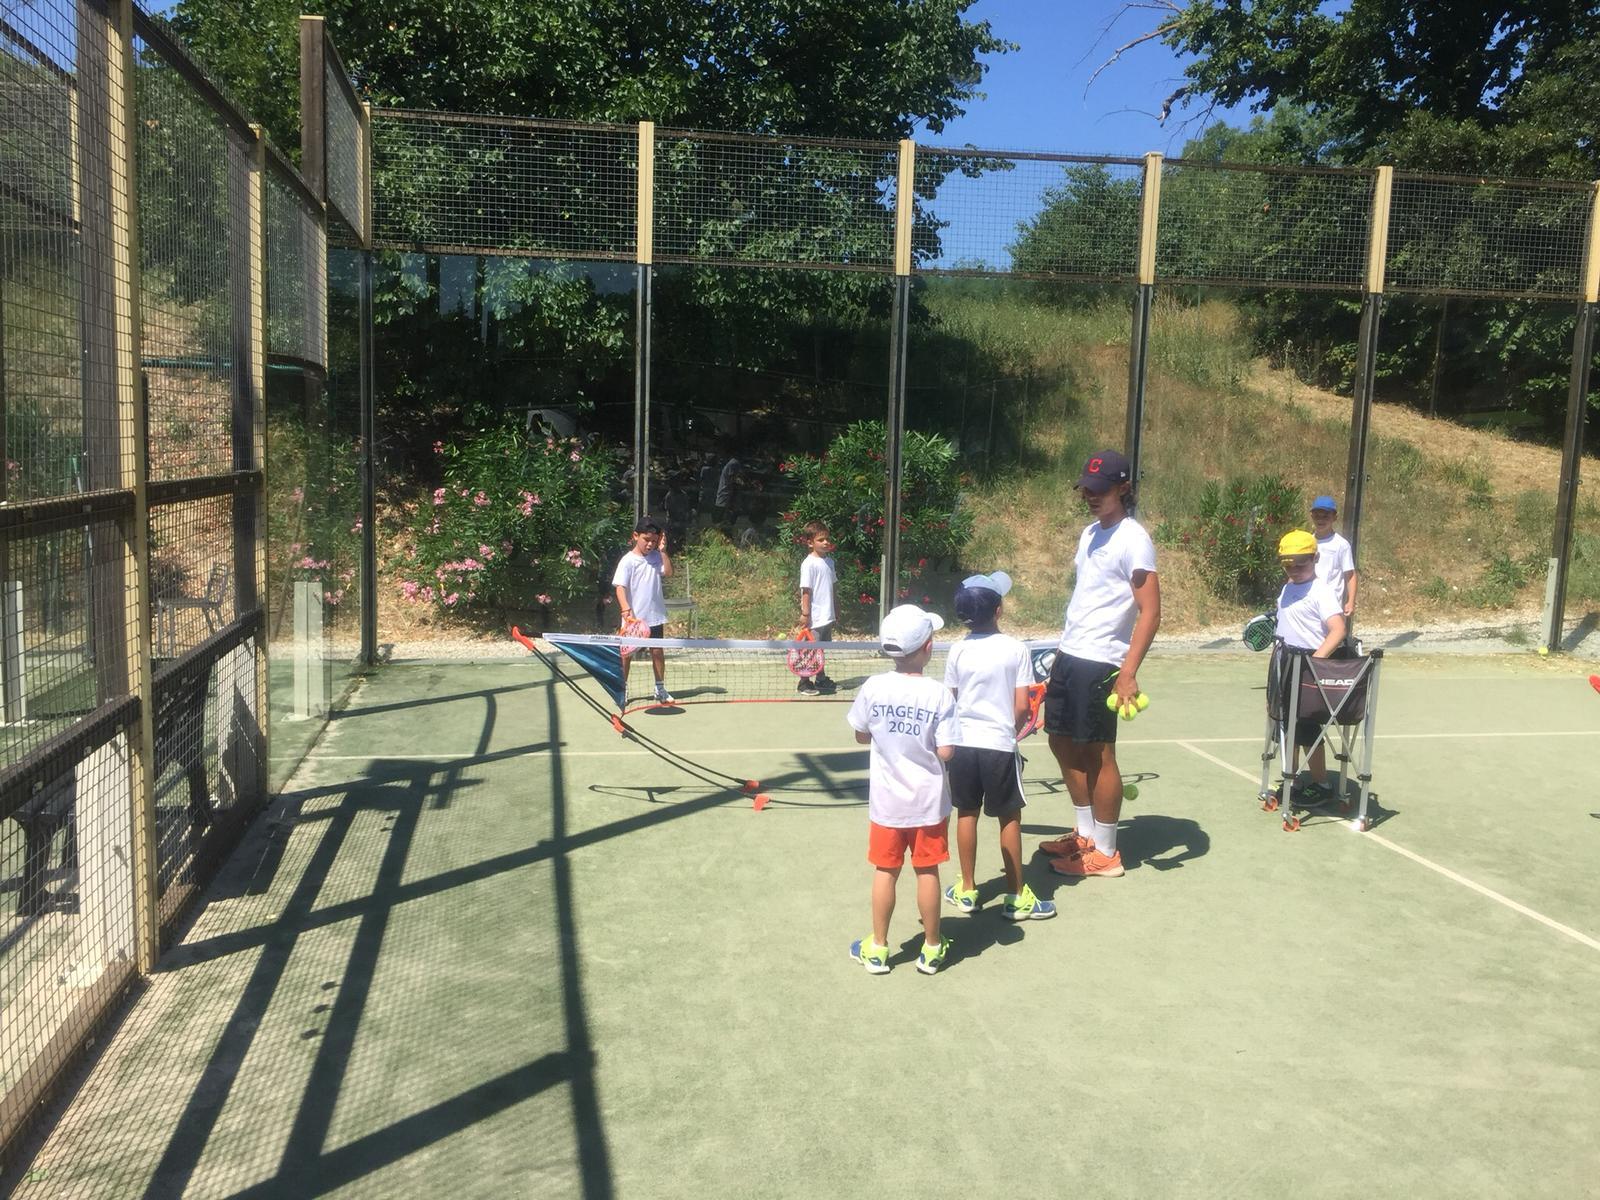 ecole de tennis du park - les accates - olivier launo 2